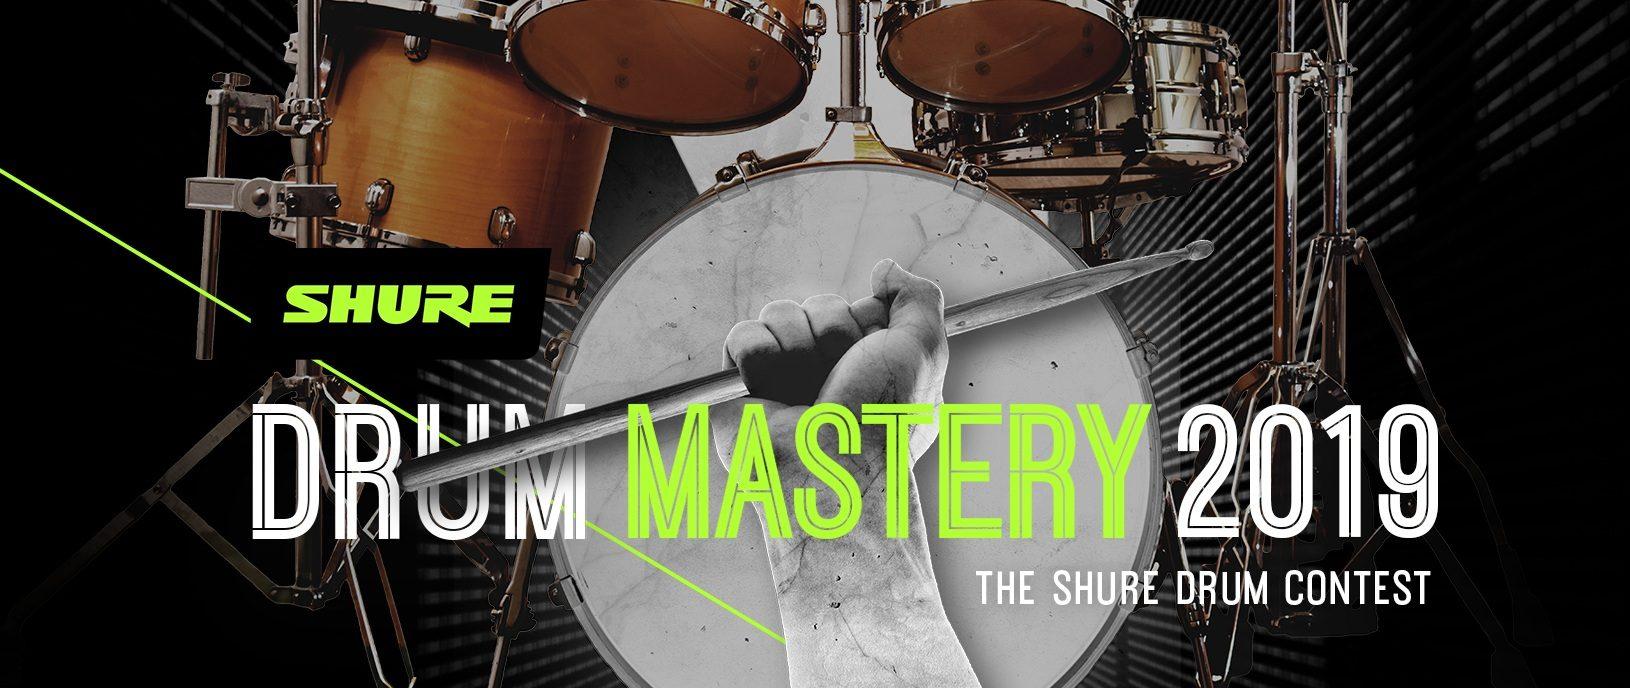 shure-drum-mastery-2019-e1de